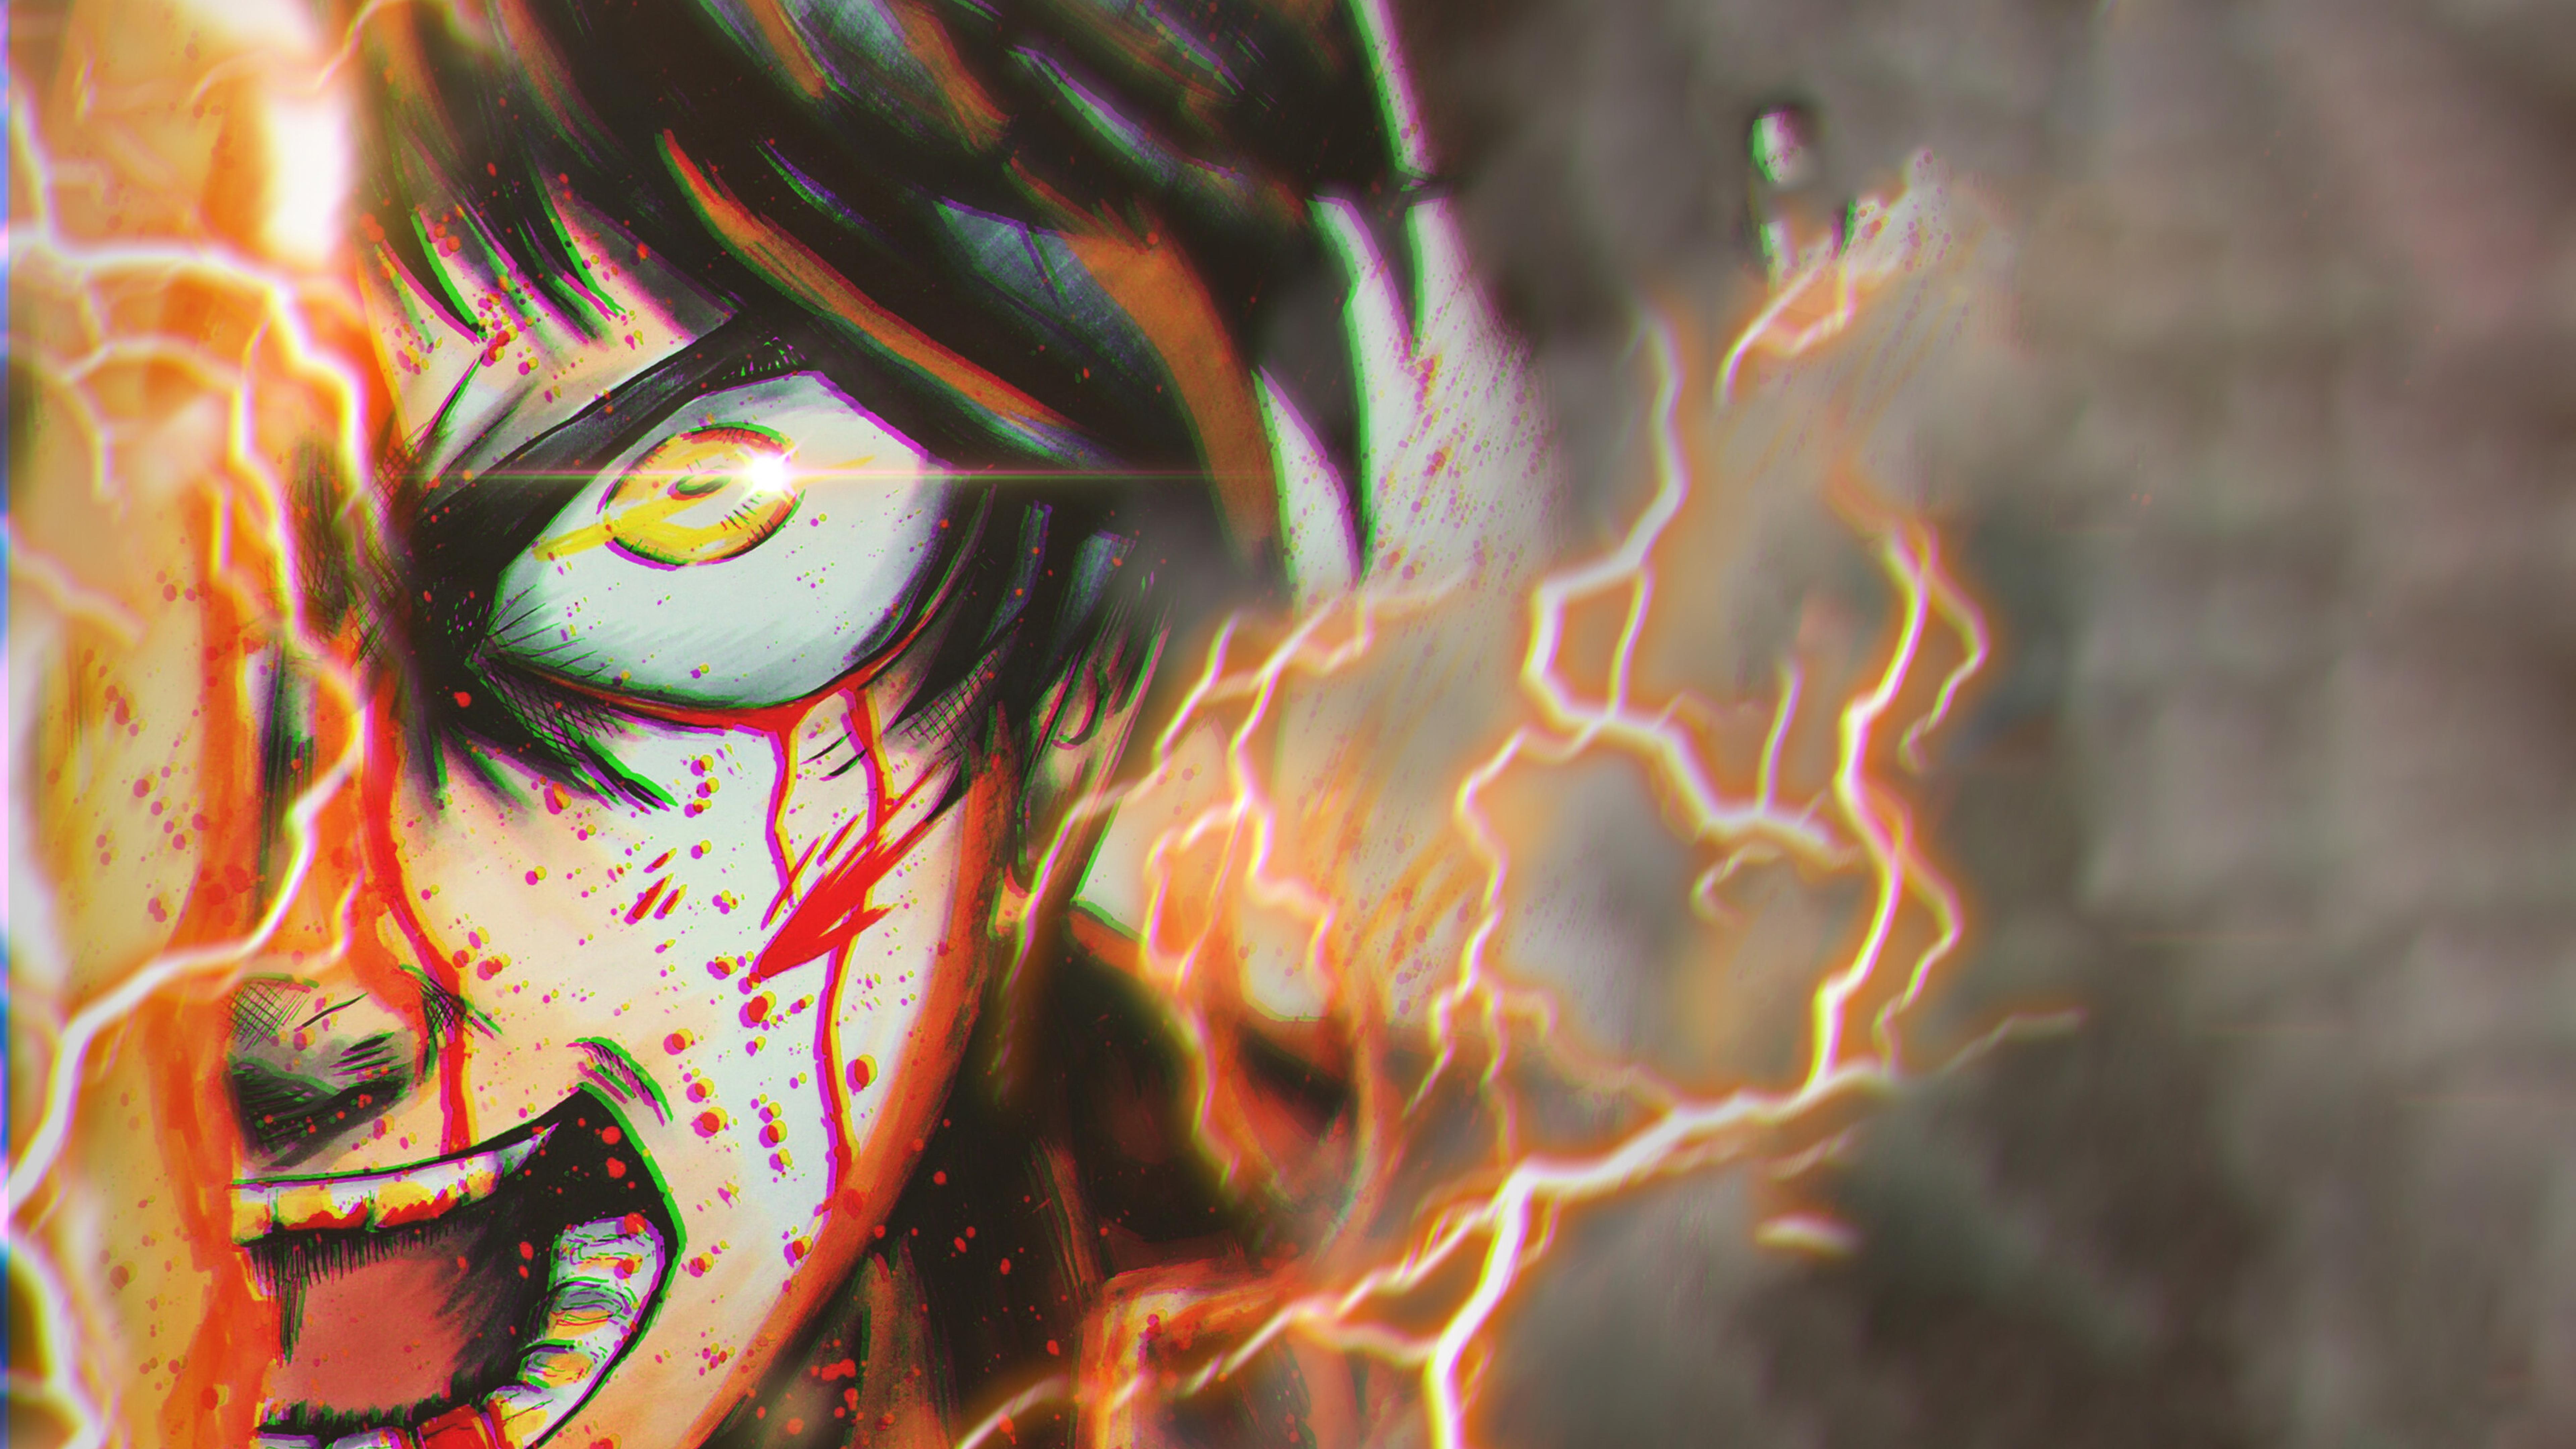 7680x4320 Eren Yeager In Aot 8k Wallpaper Hd Anime 4k